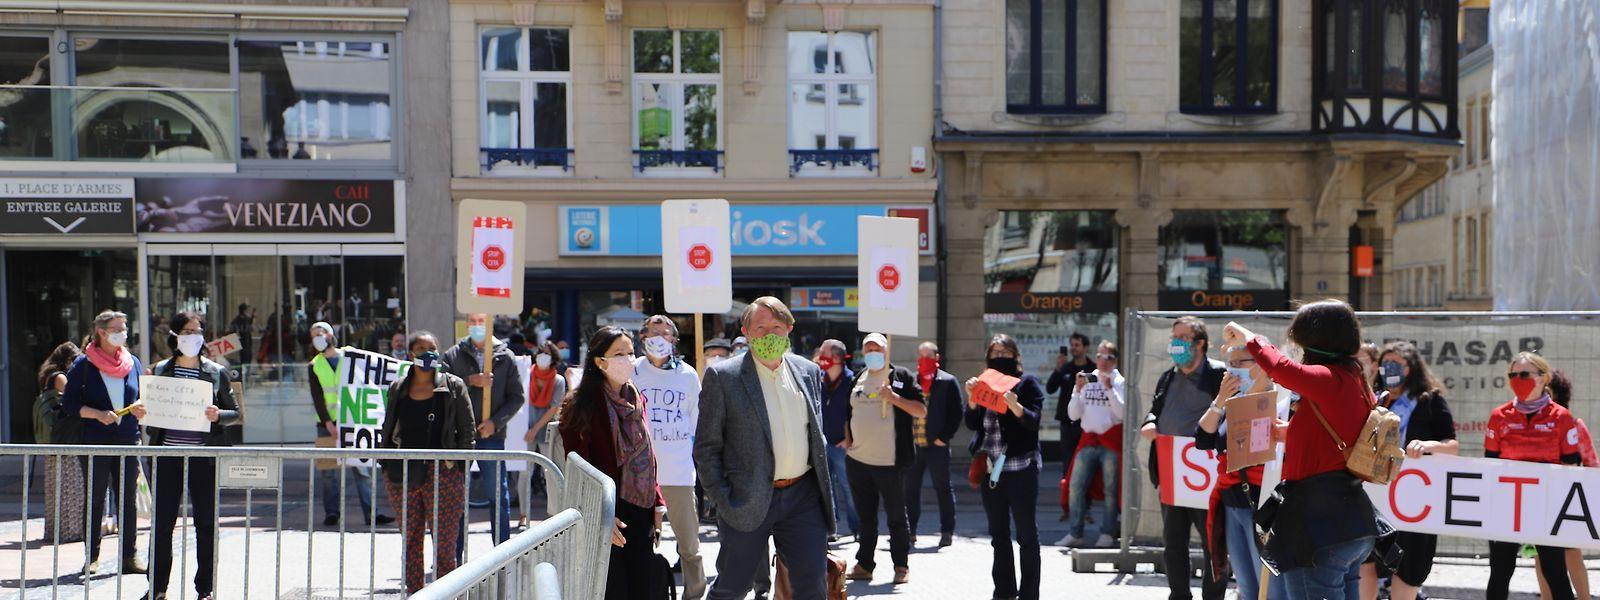 Obwohl das Demonstrationsrecht wegen der Corona-Krise eingeschränkt ist, wurden die Abgeordneten vor dem Cercle Cité von Aktivisten empfangen.